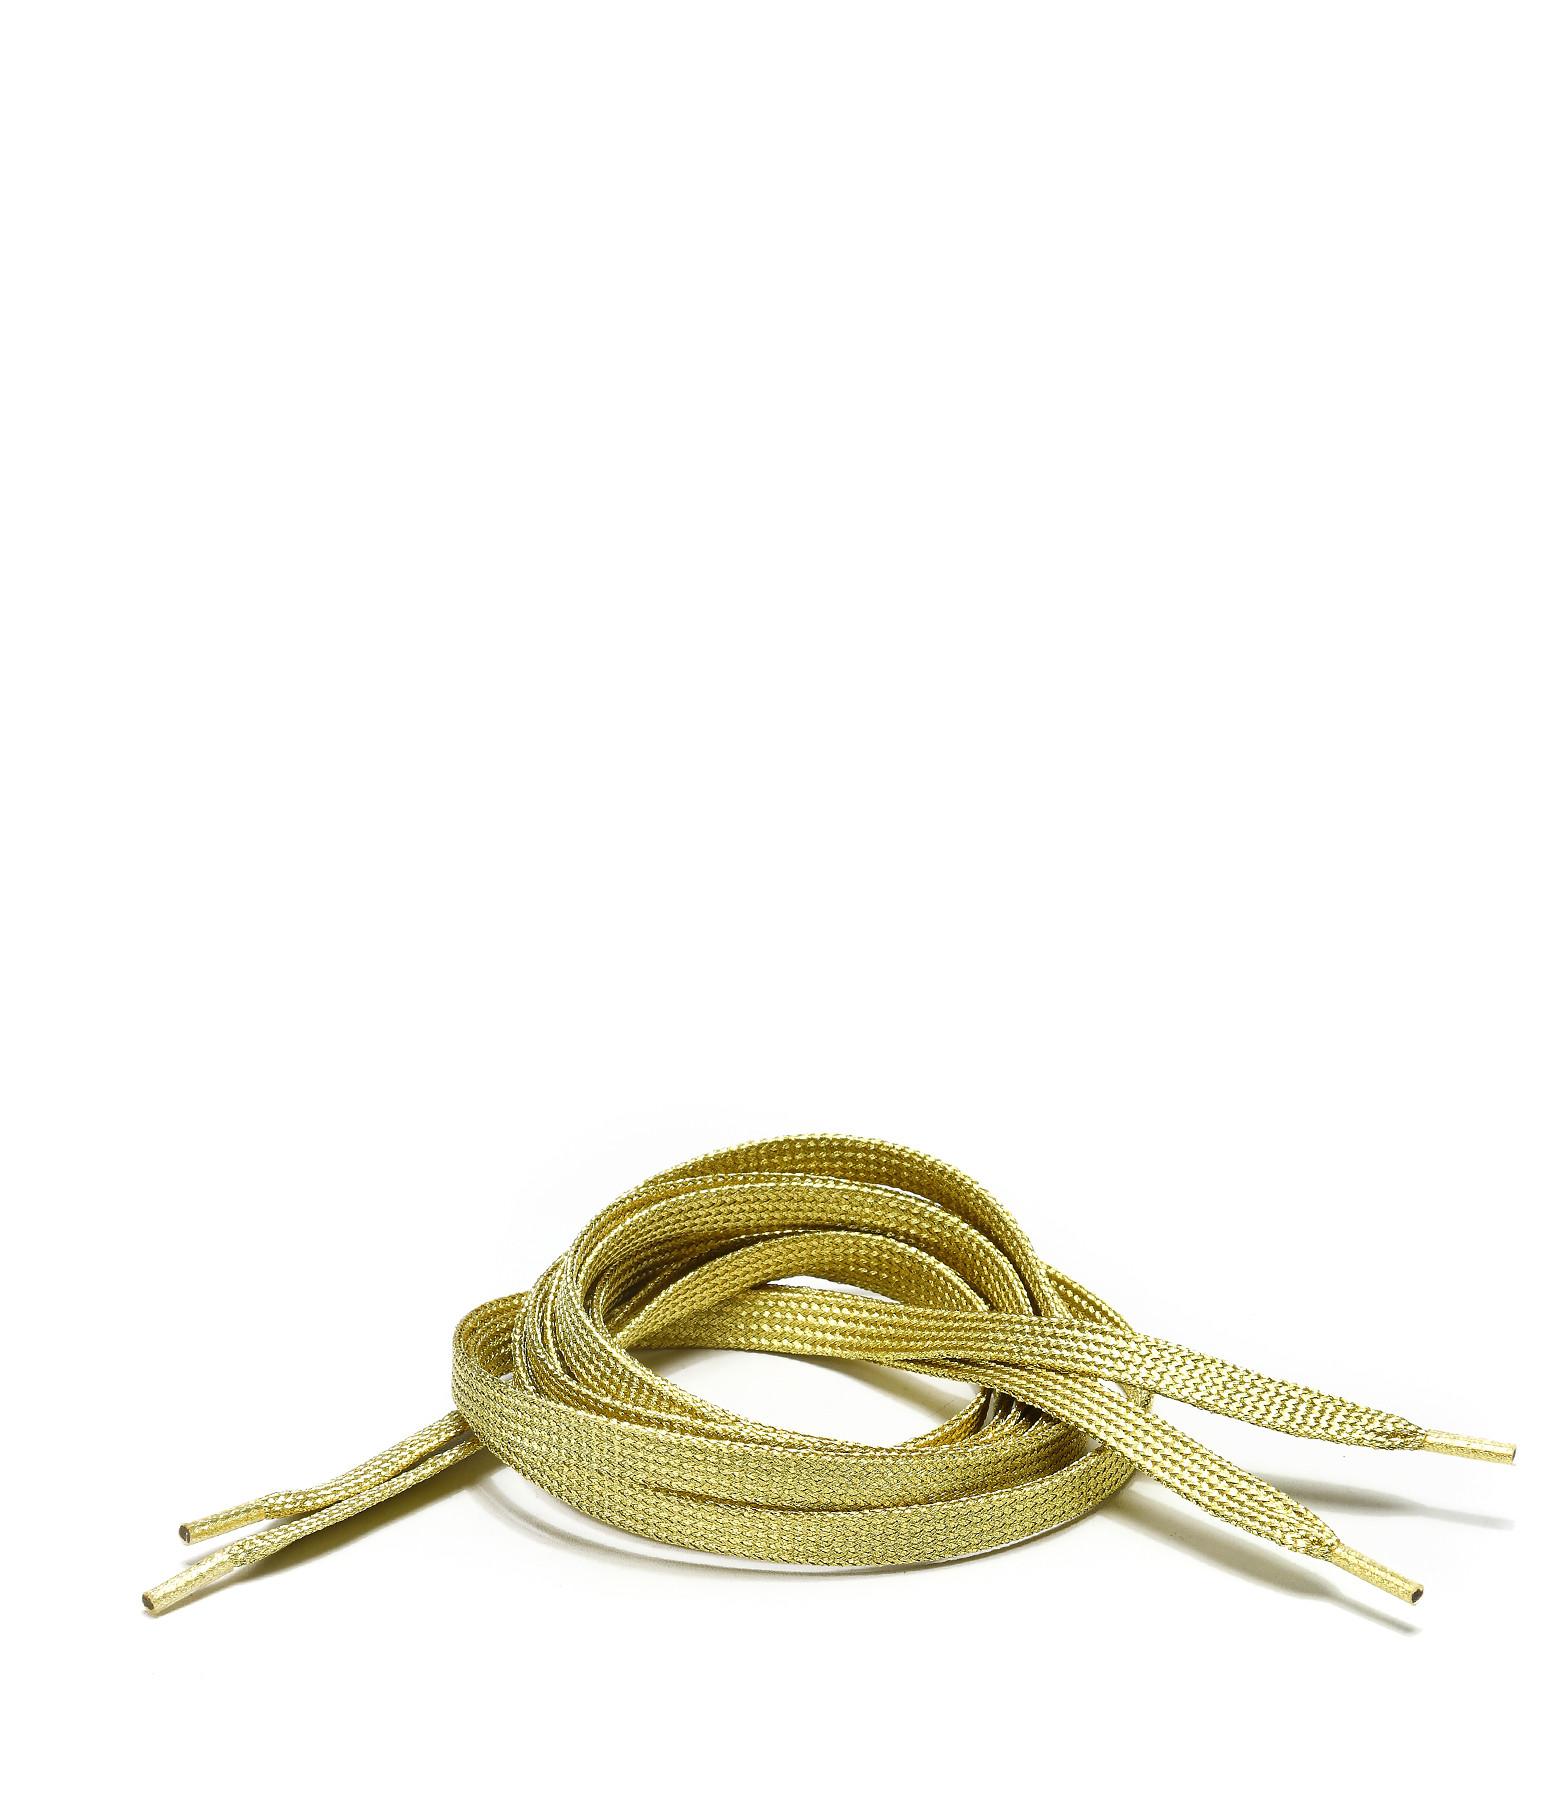 LULLI BASIC - Lacets Plats Dorés 115 cm